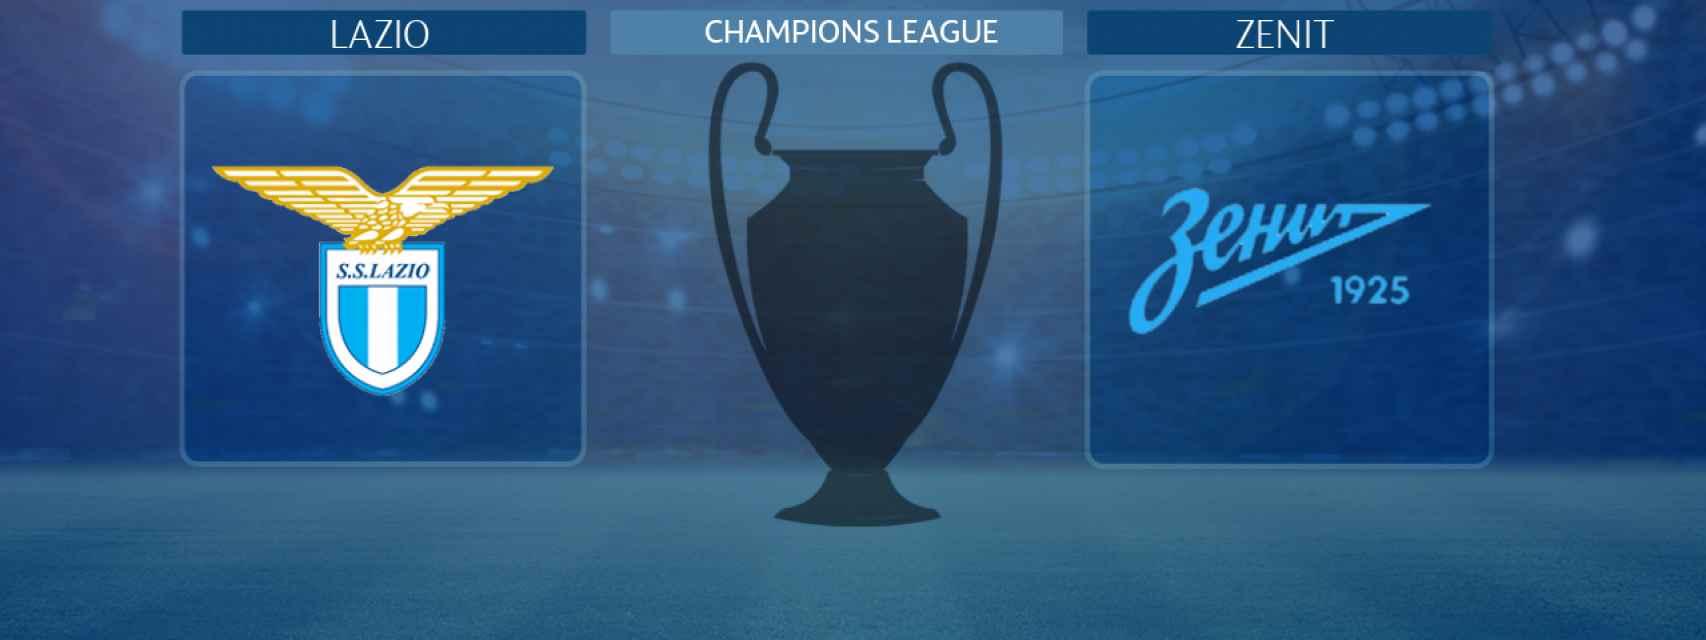 Lazio - Zenit, partido de la Champions League